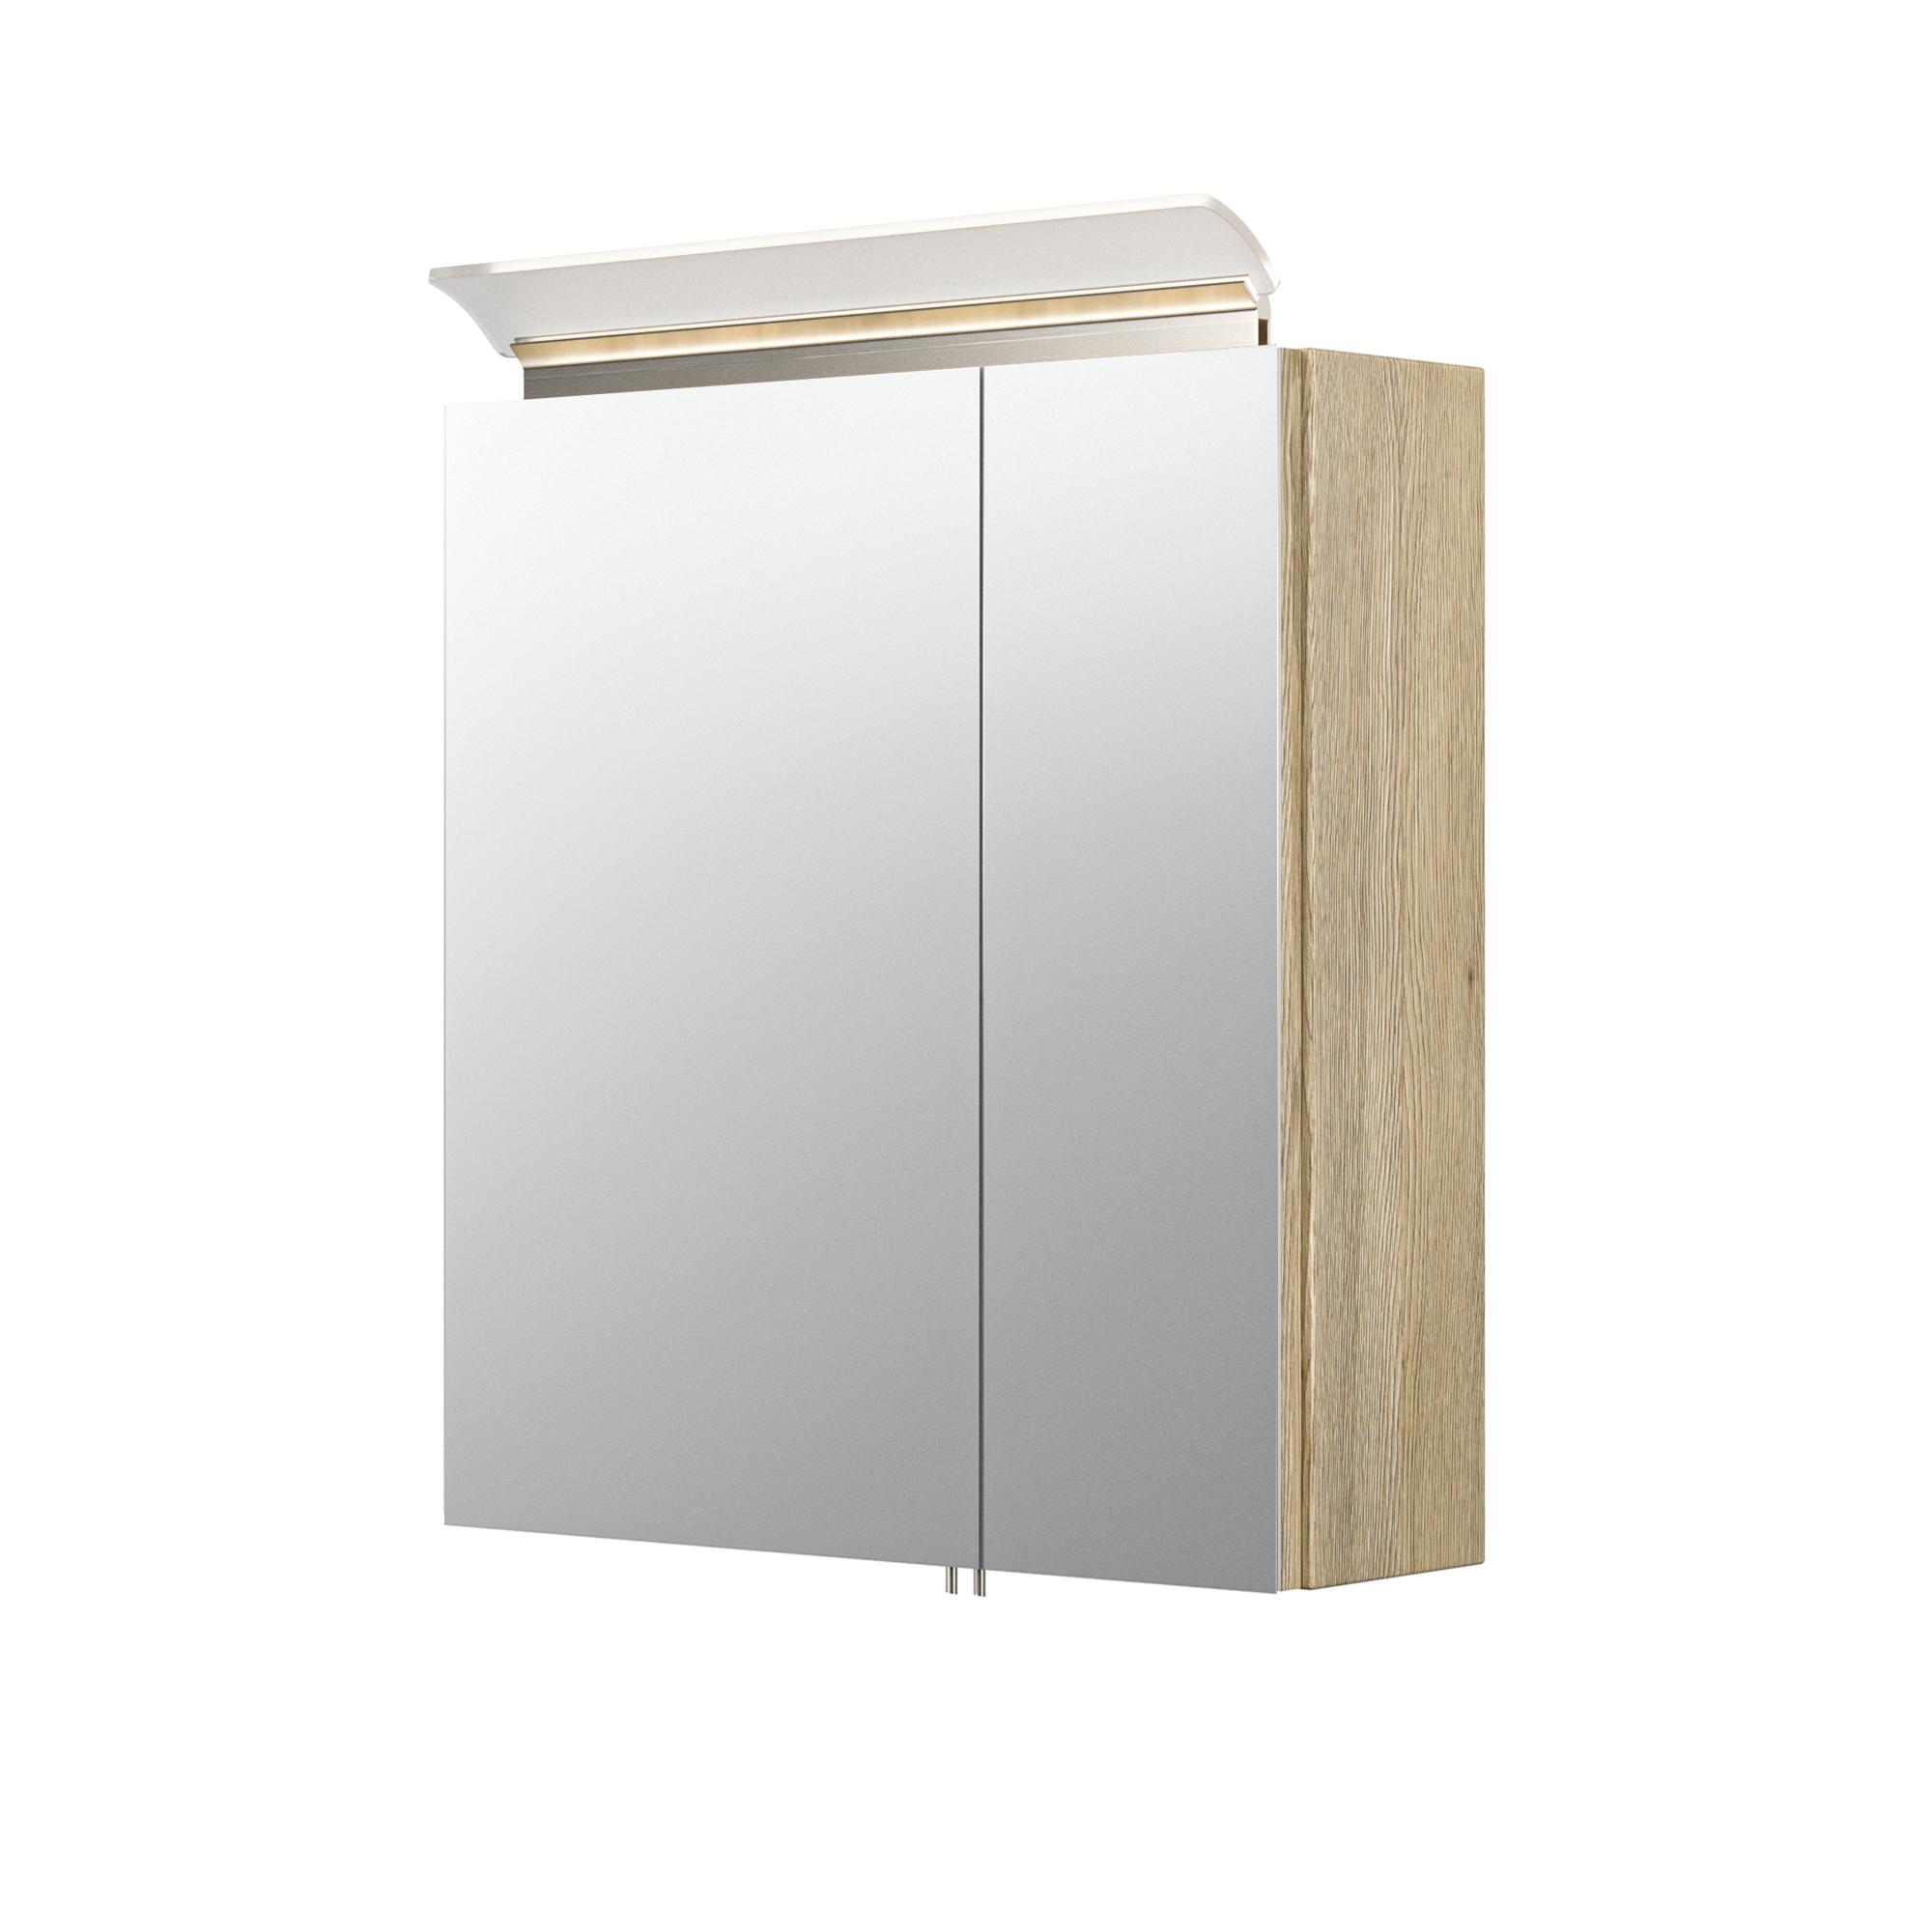 Bad Spiegelschrank LEVIA   mit Acrylglaslampe   20 cm breit   Eiche Hell